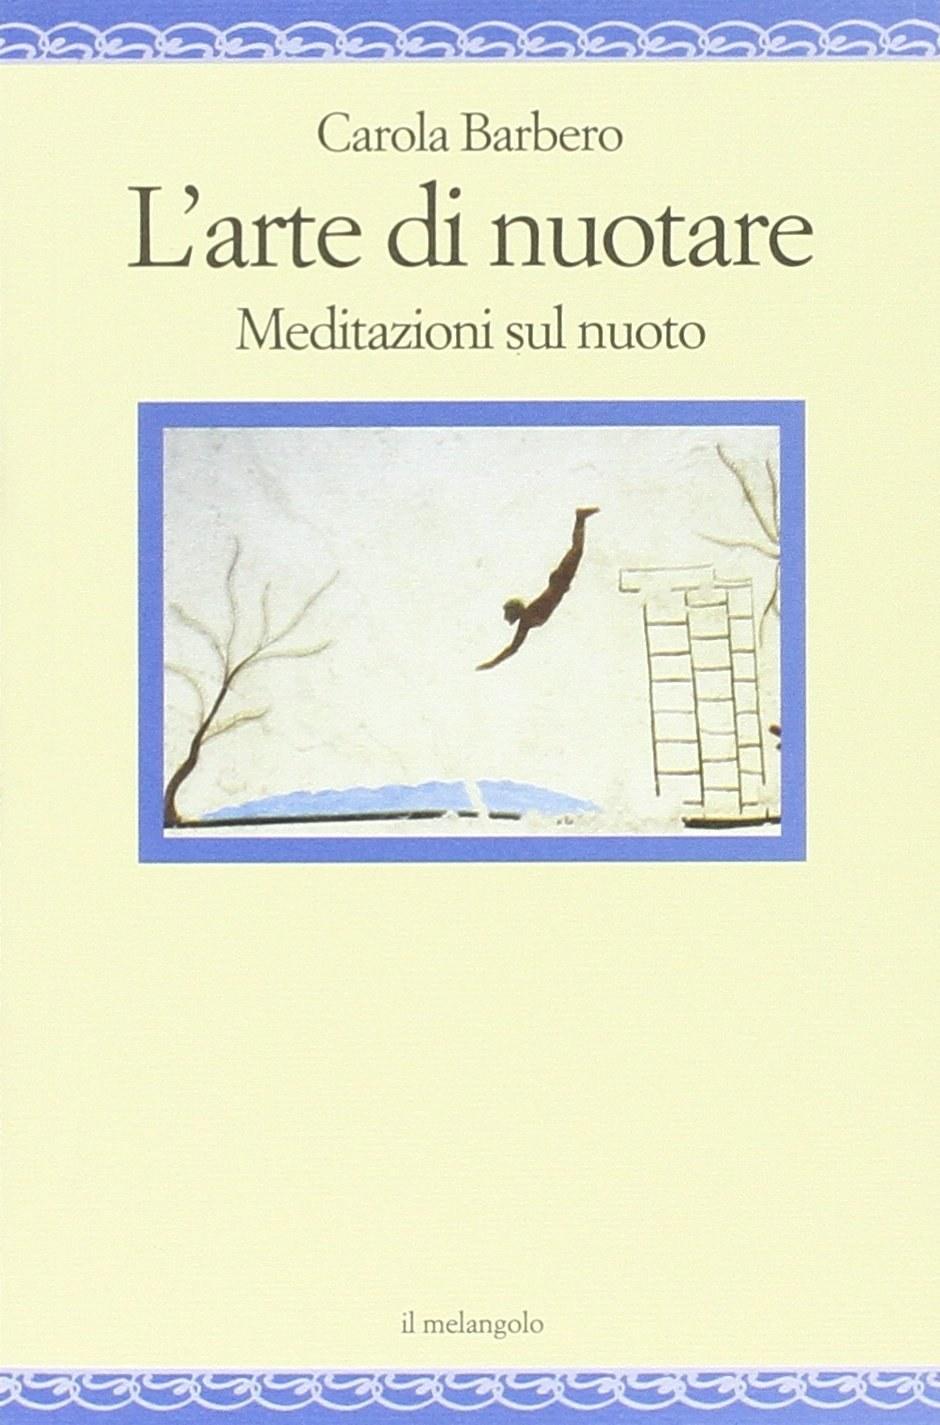 L'ARTE DI NUOTARE (di Carola Barbero) 6